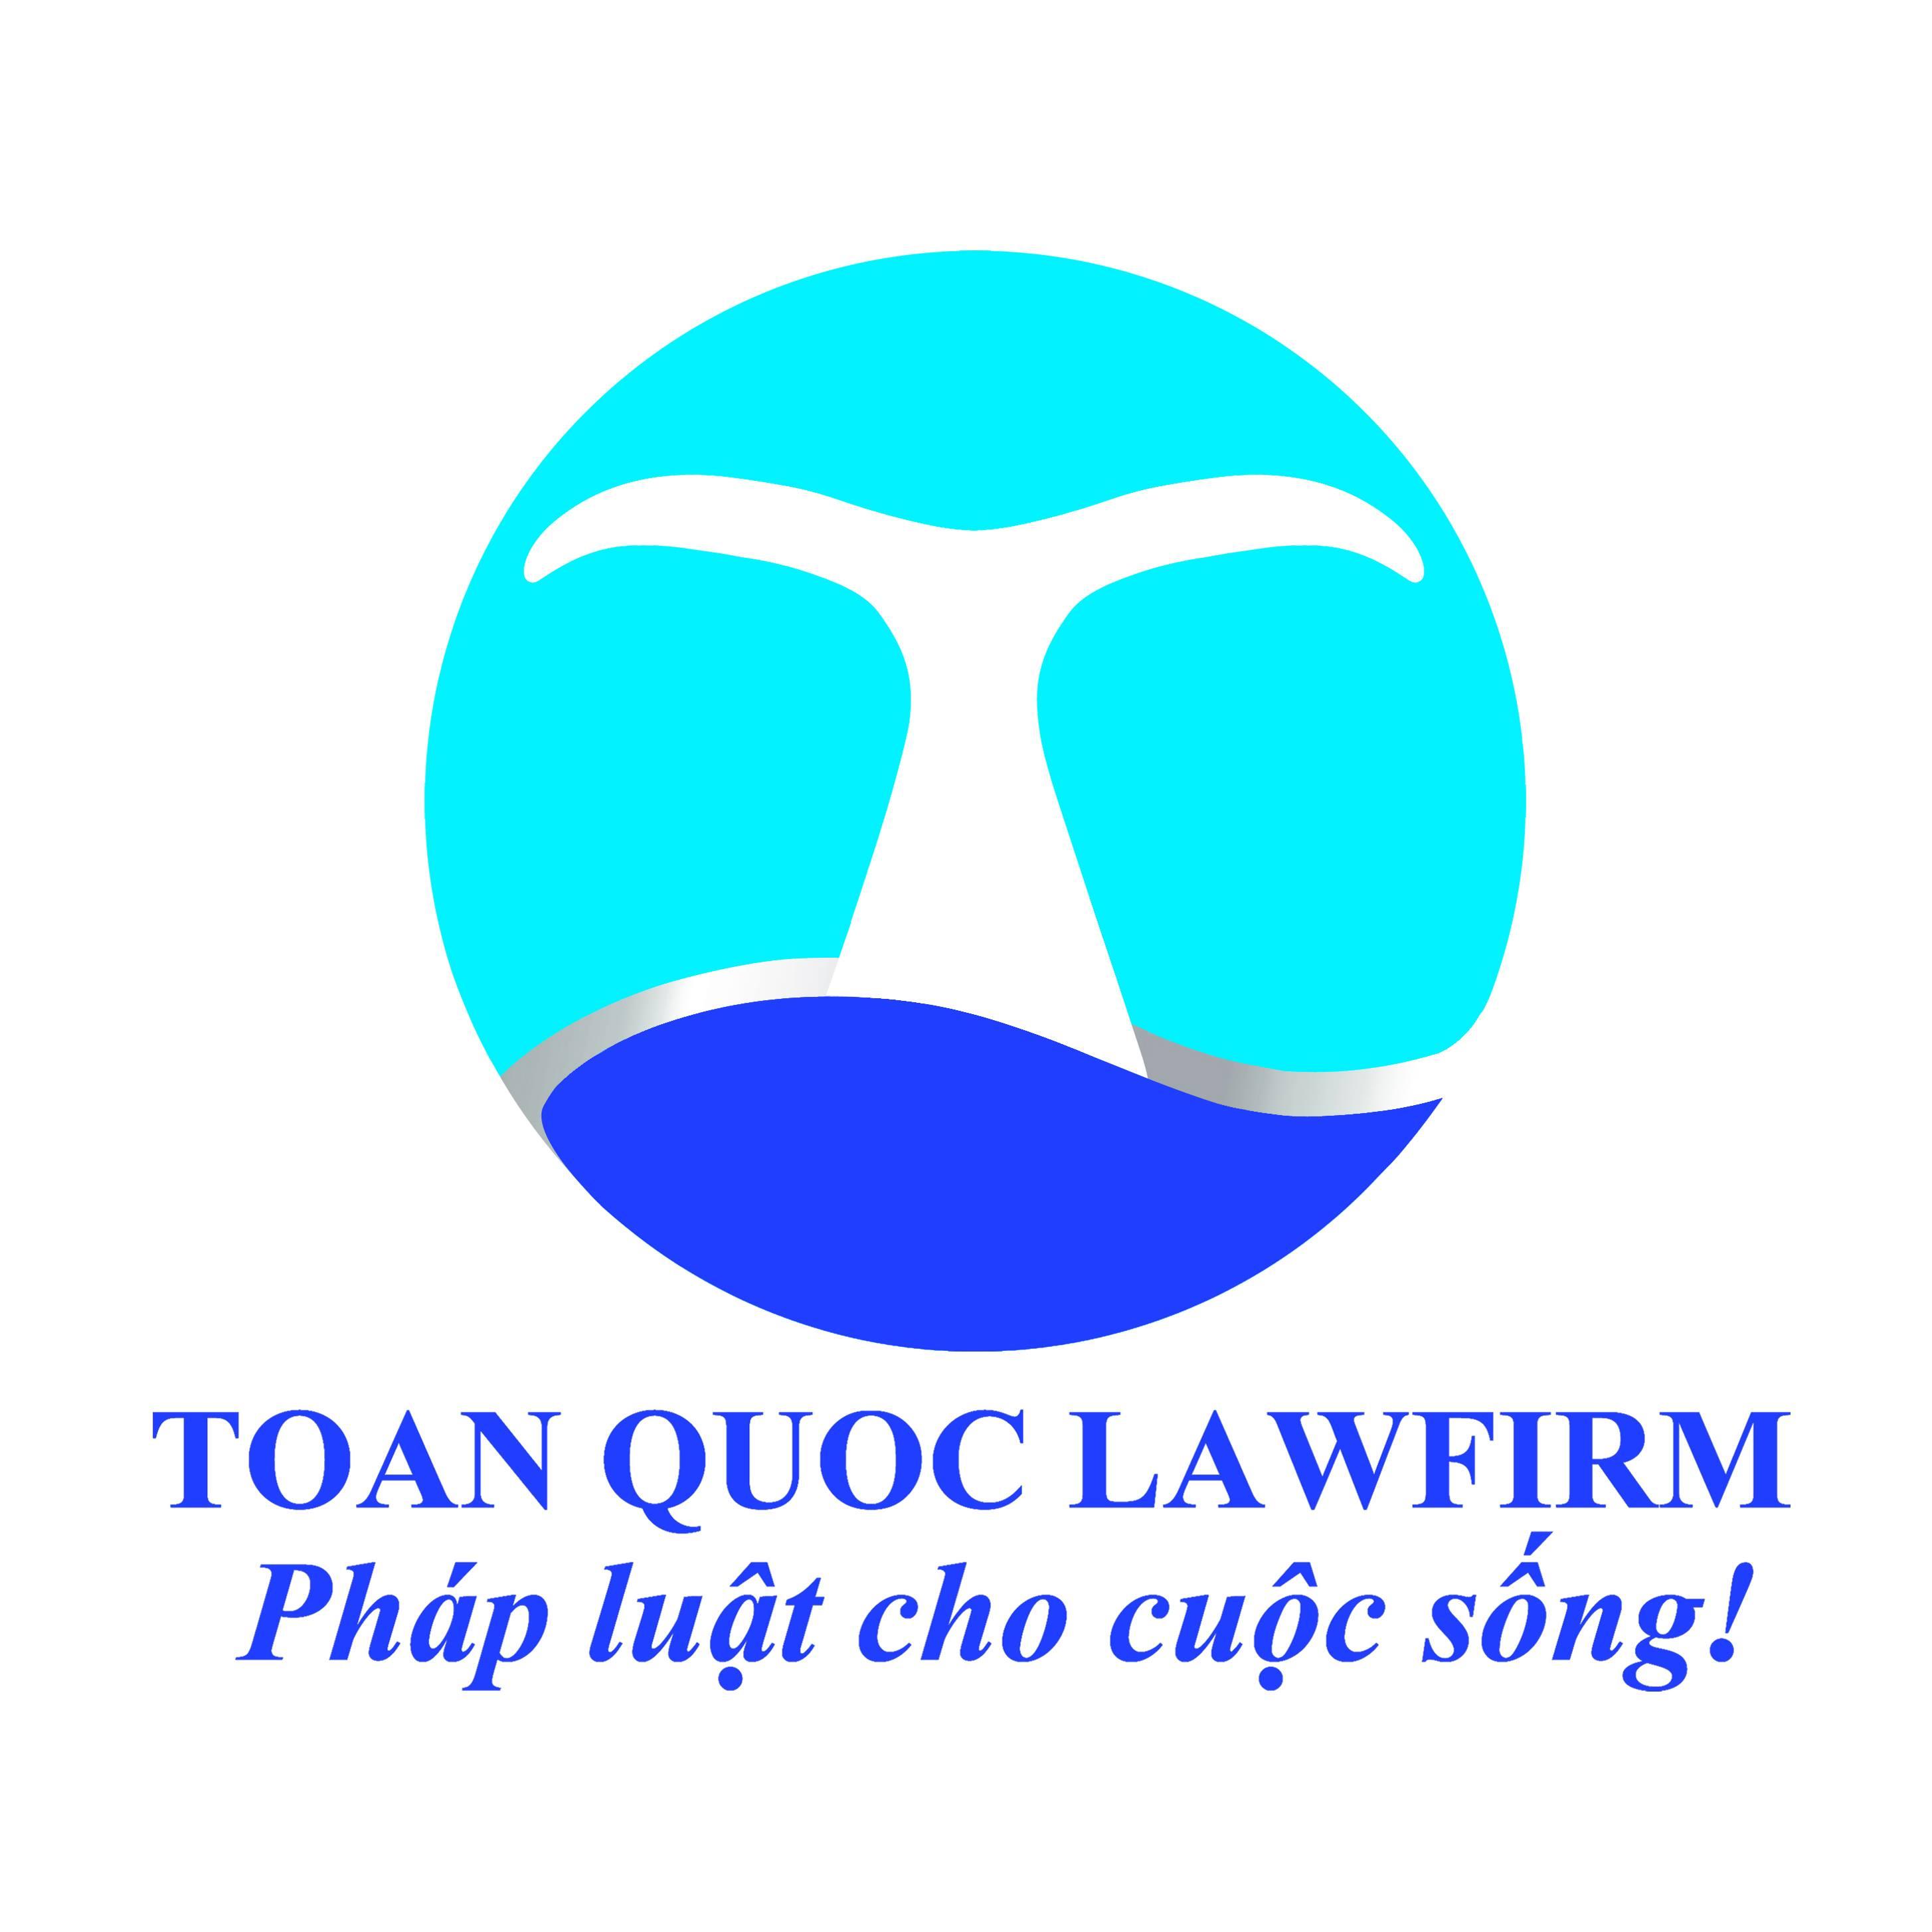 Công văn 16686/BTC-TCT của Tổng cục thuế